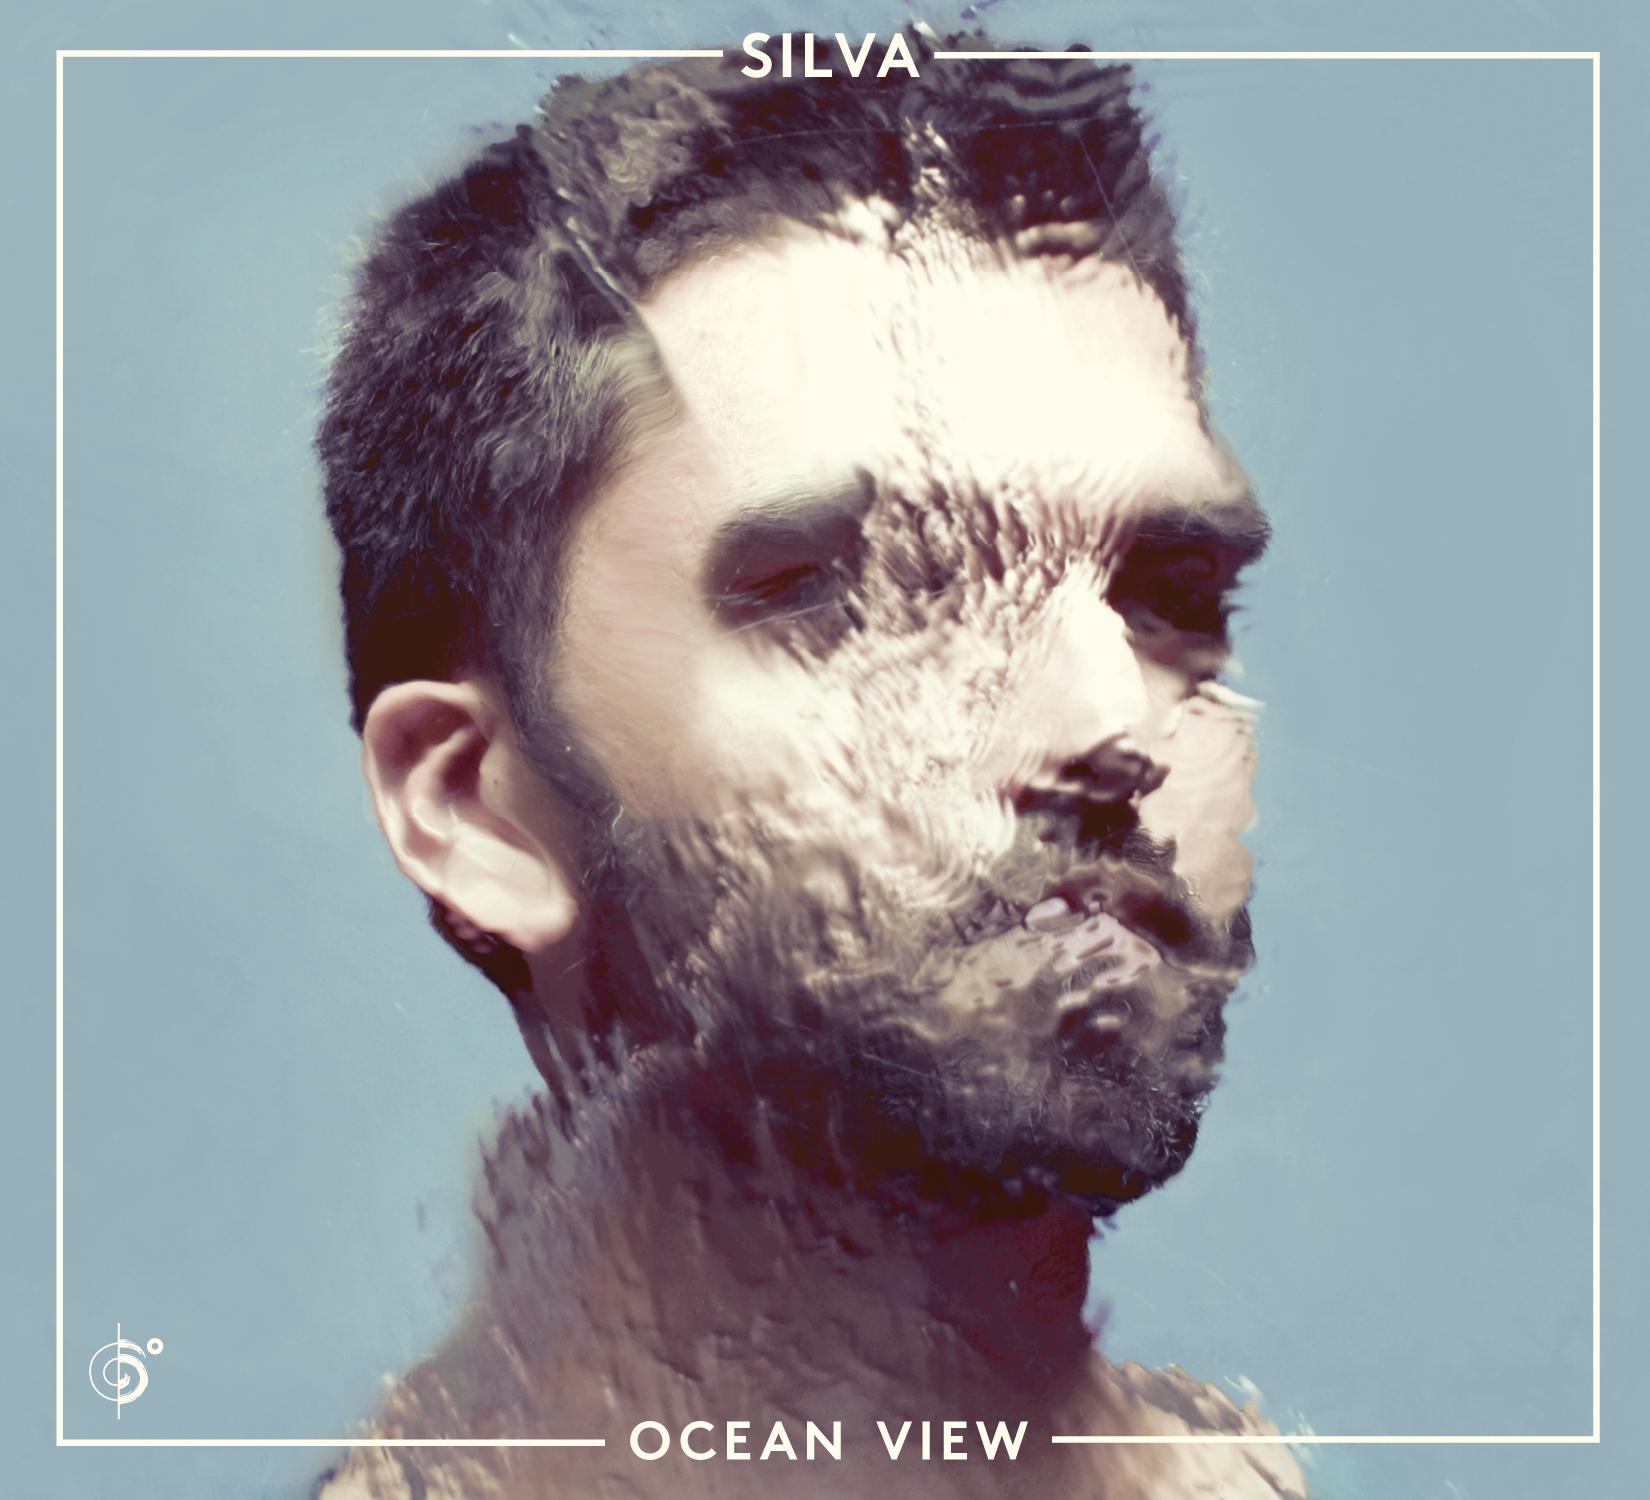 SILVA – Ocean View